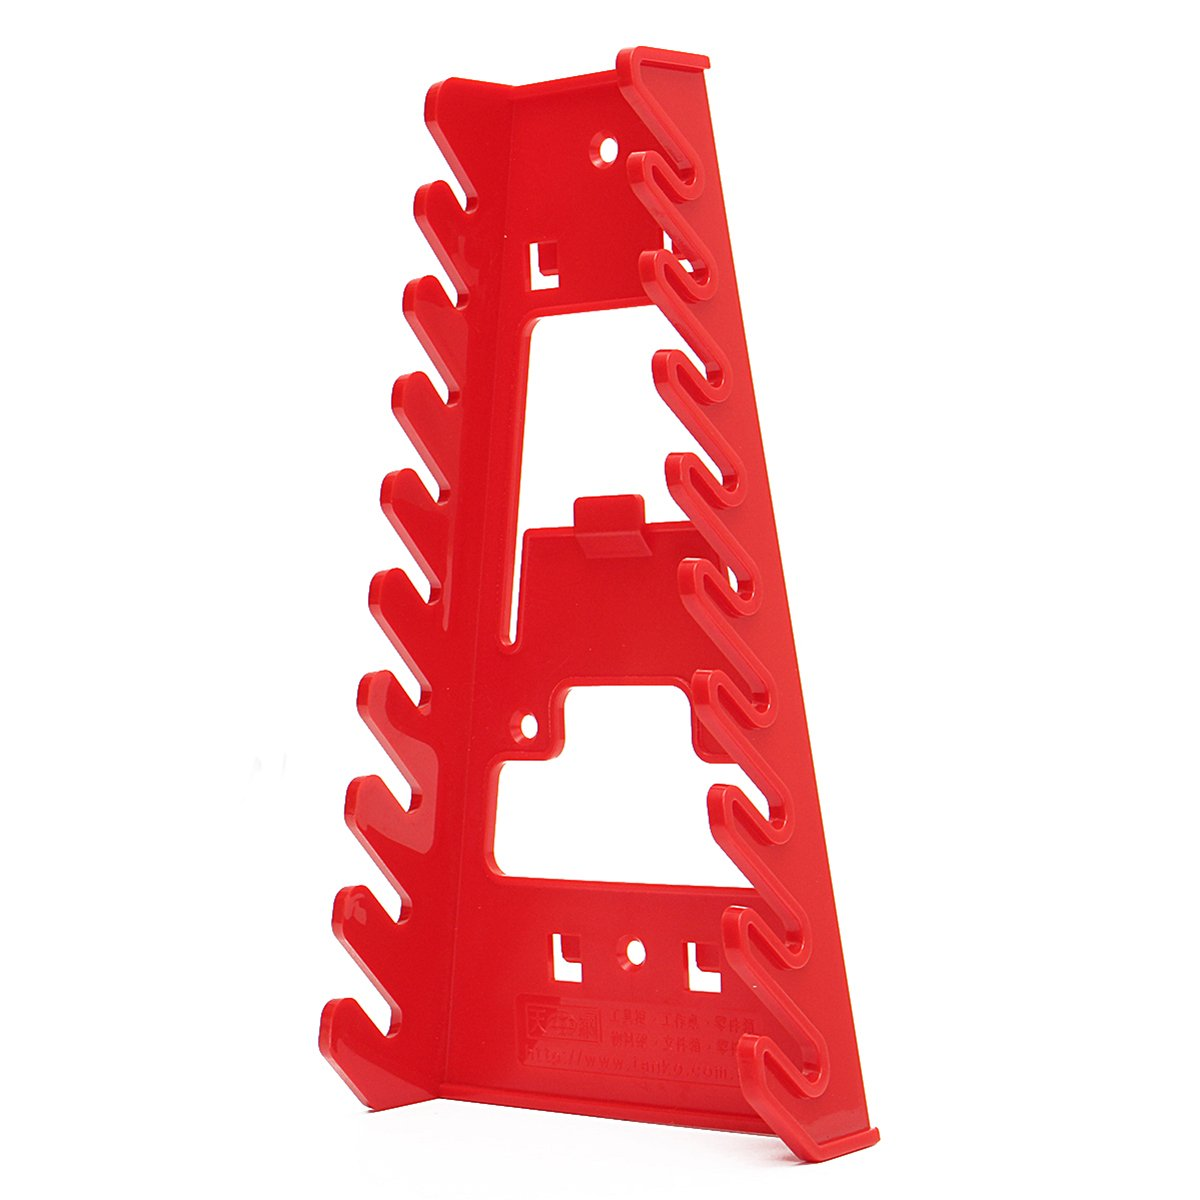 RanDal 22X12X6Cm Llave Roja Soporte Para Llave De Rack Llave De Almacenamiento Organizador Herramientas